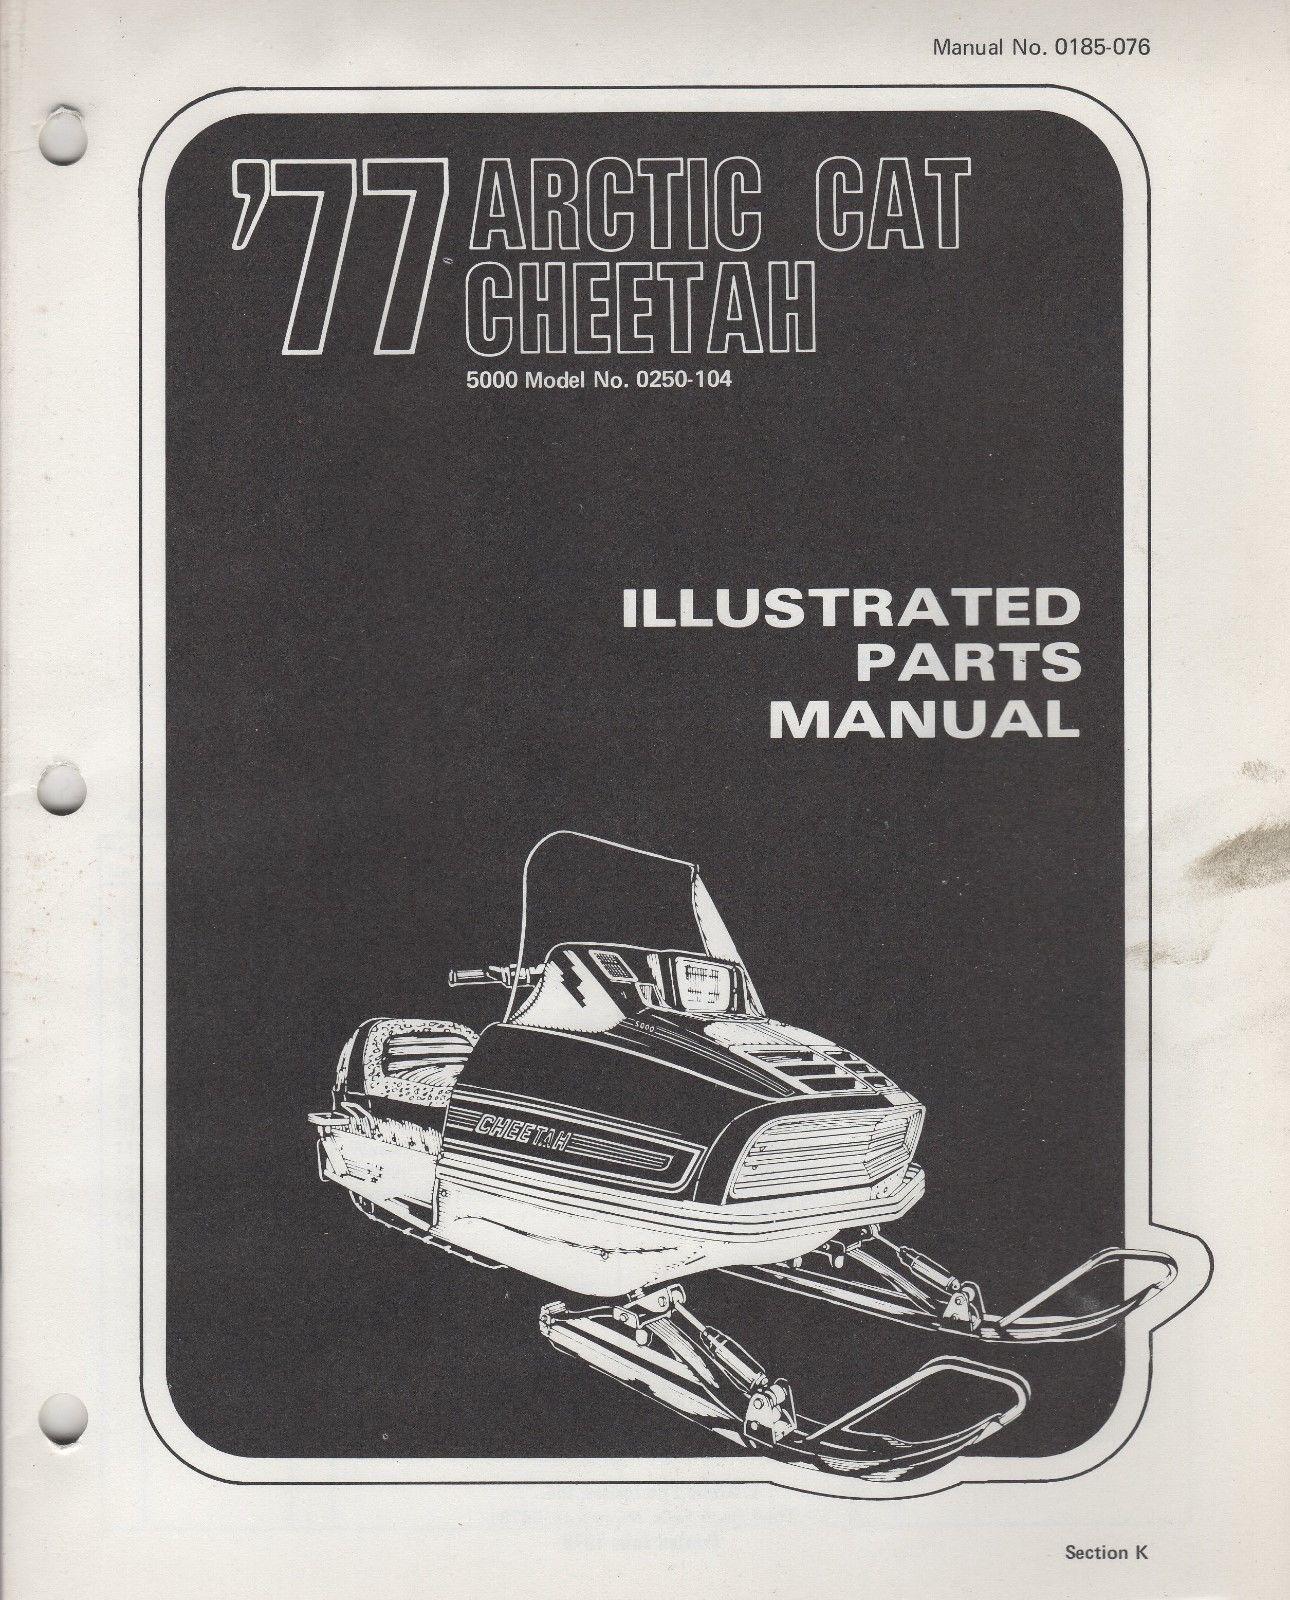 1977 ARCTIC CAT SNOWMOBILE CHEETAH 5000 P/N 0185-076 PARTS MANUAL (056